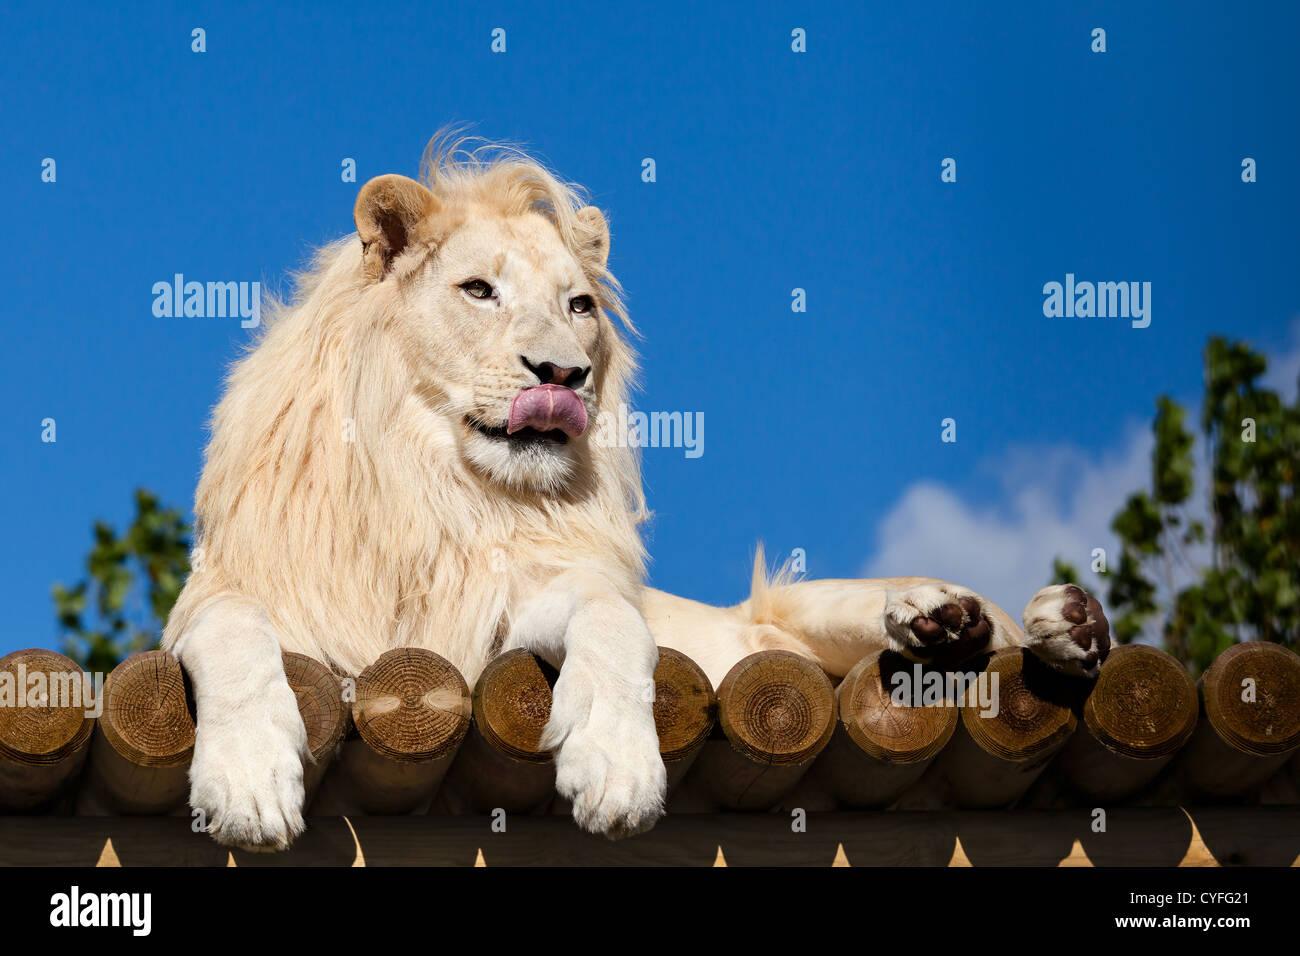 White Lion on Wooden Platform Licking Nose Panthera Leo - Stock Image